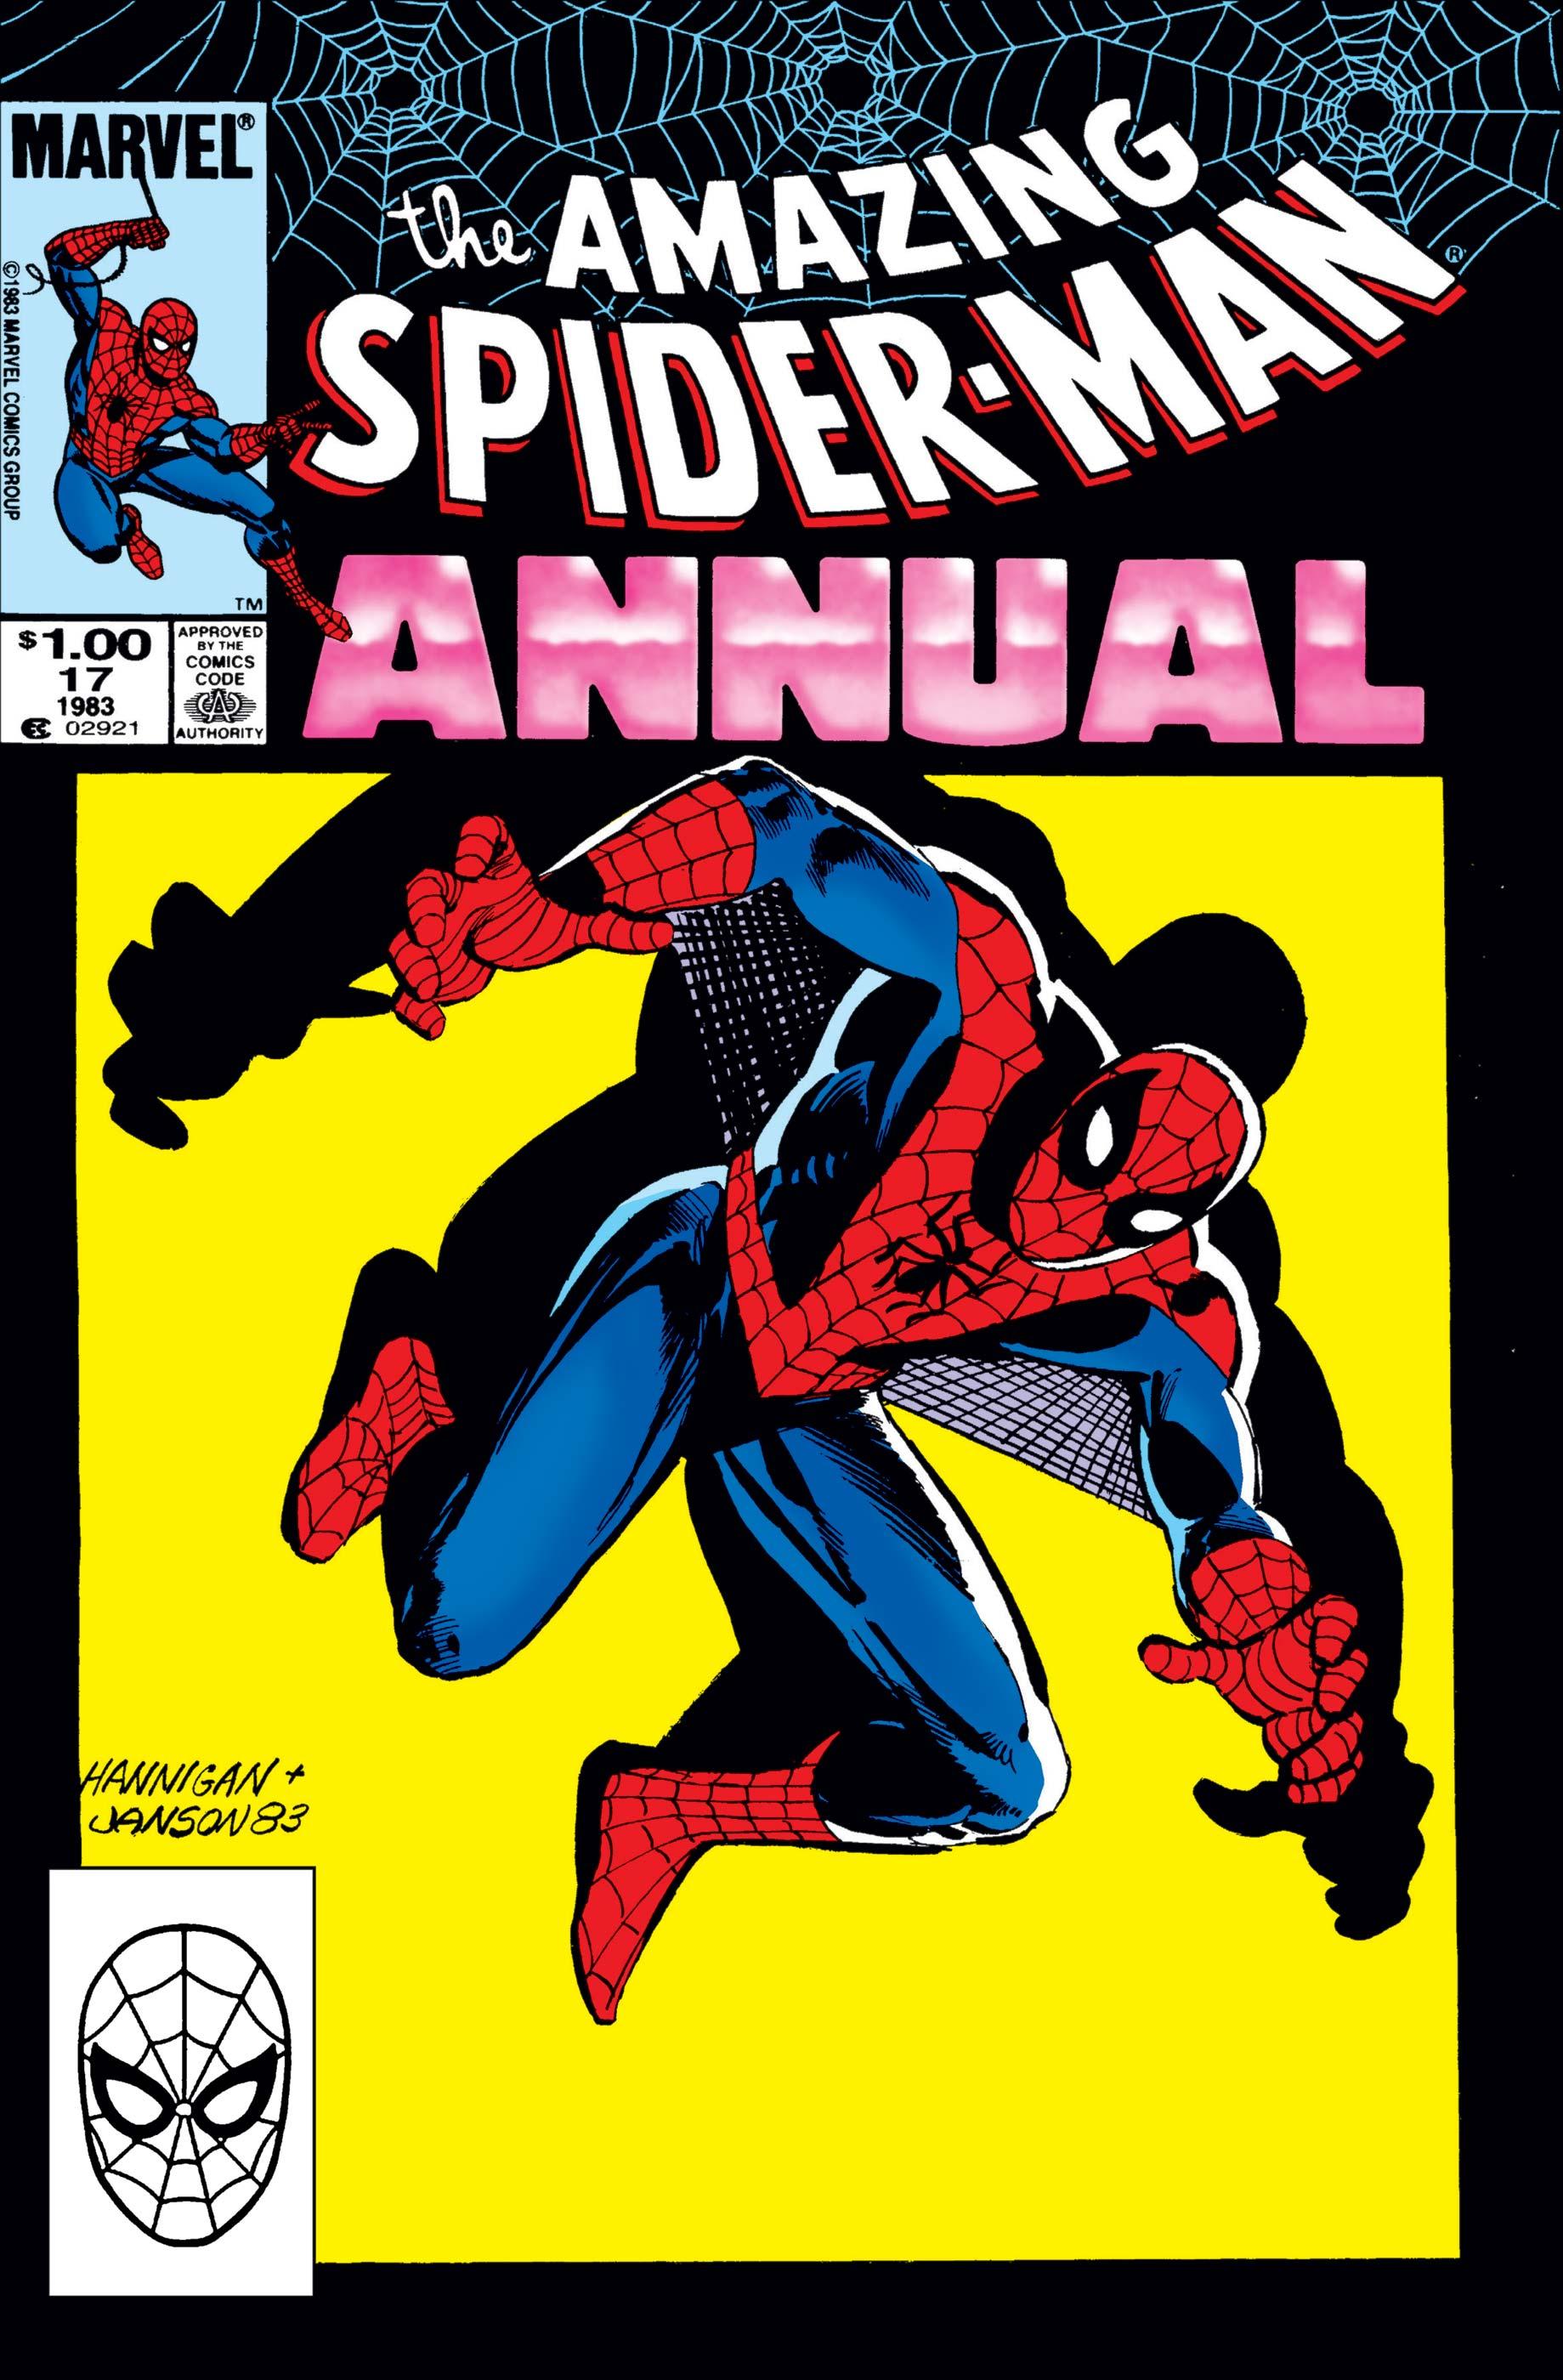 Amazing Spider-Man Annual (1964) #17